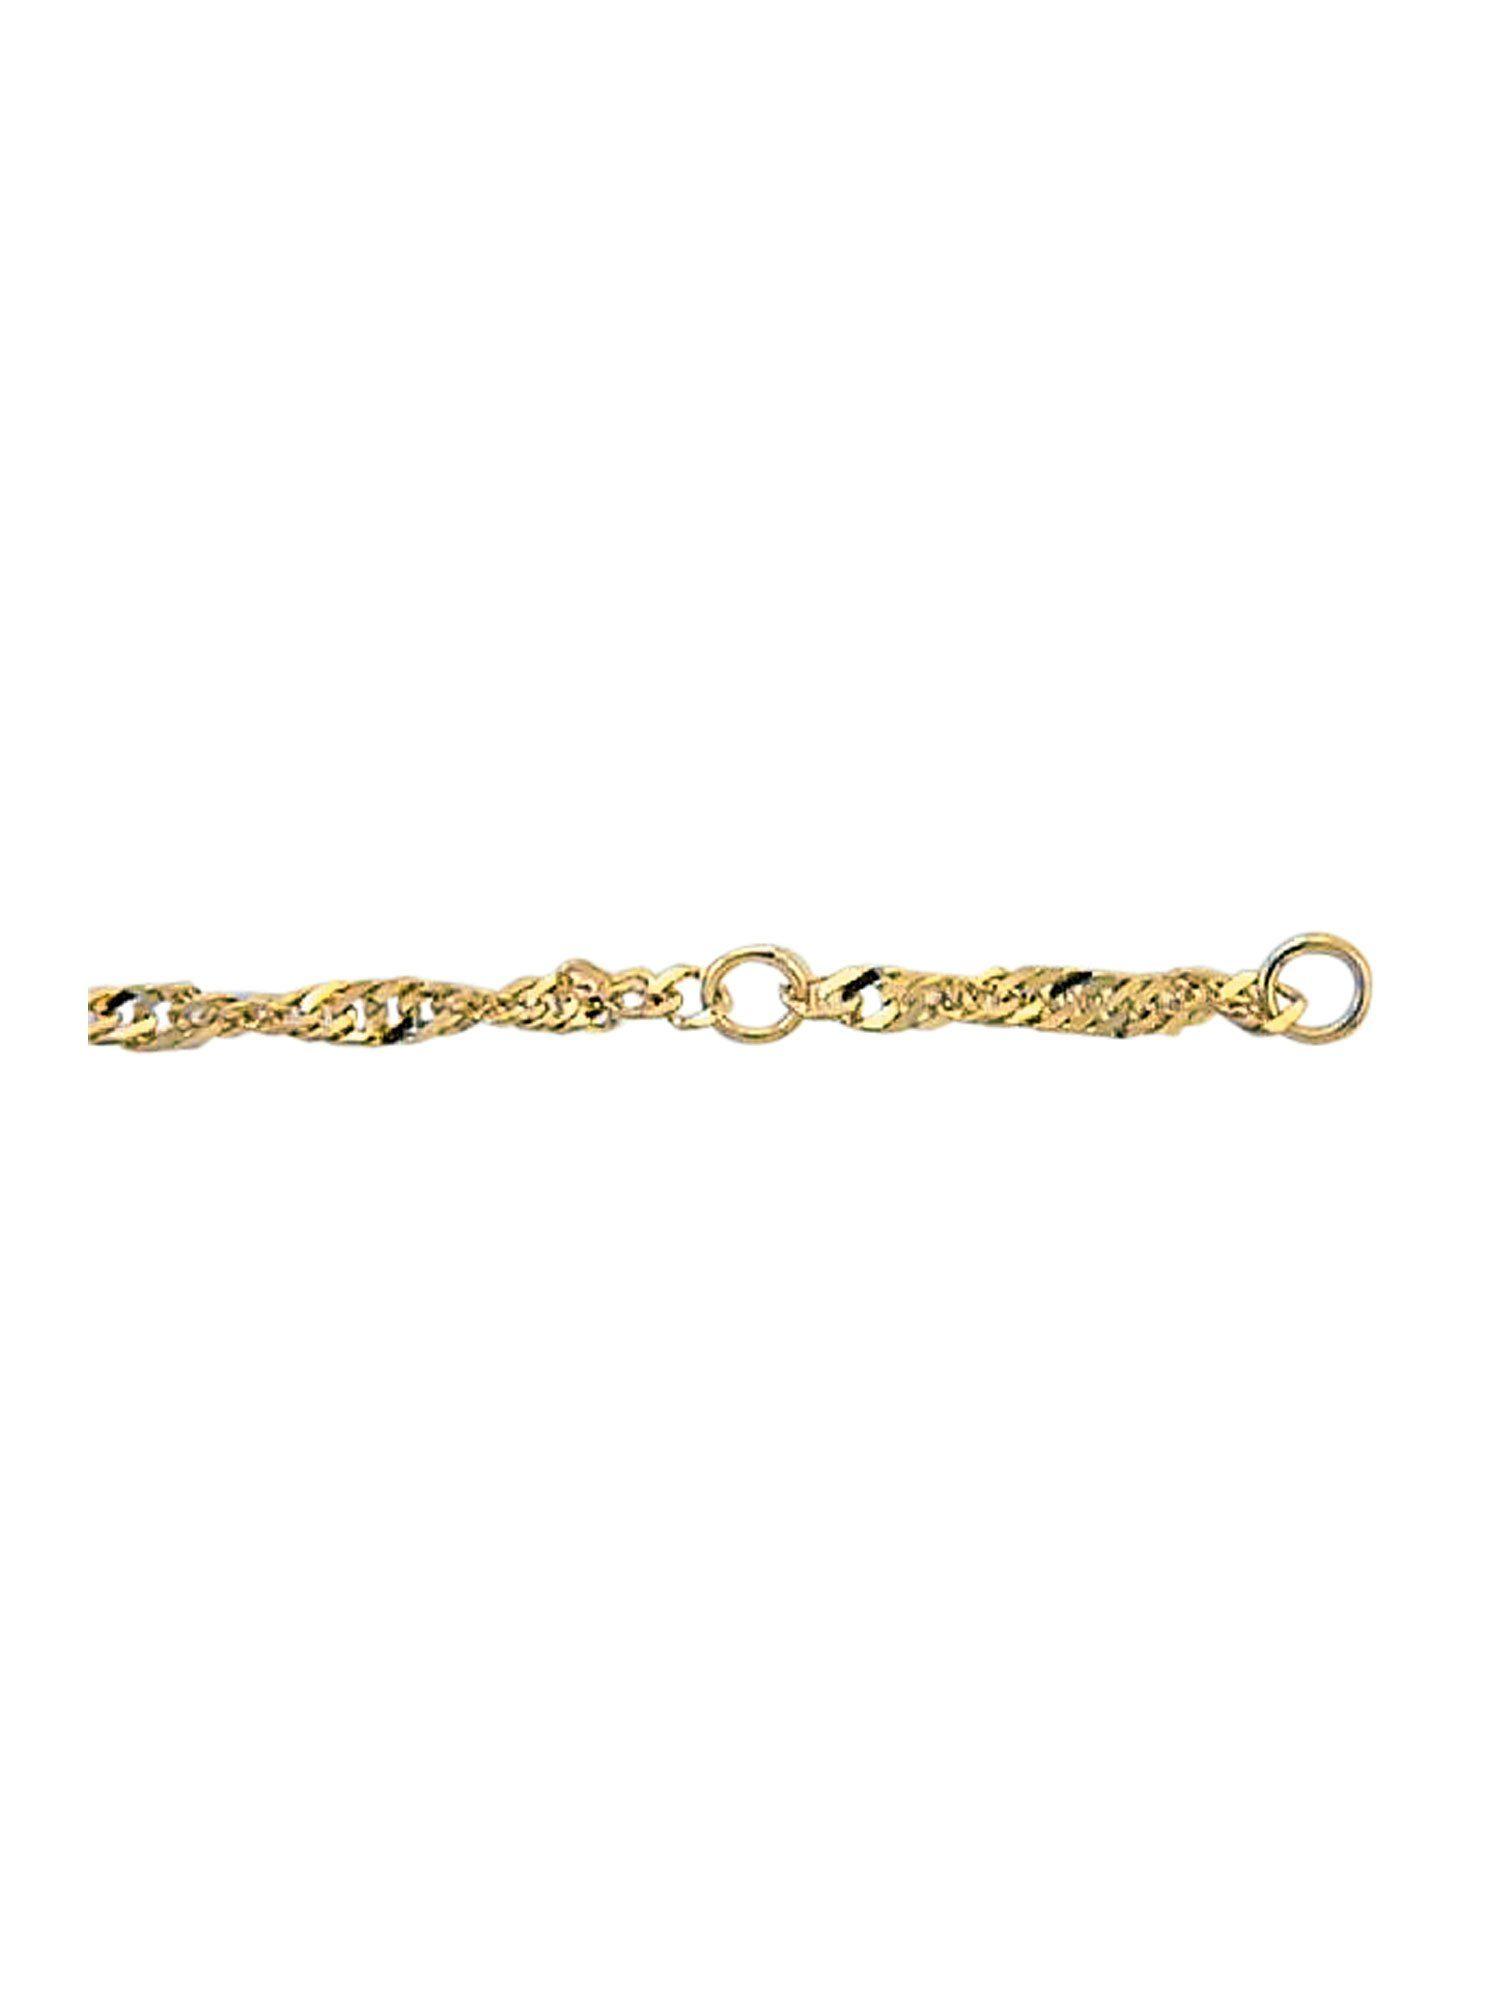 Adelia´s Fußkette »Gold Fußkettchen« 8 k 333 Gelbgold Singapur Kette